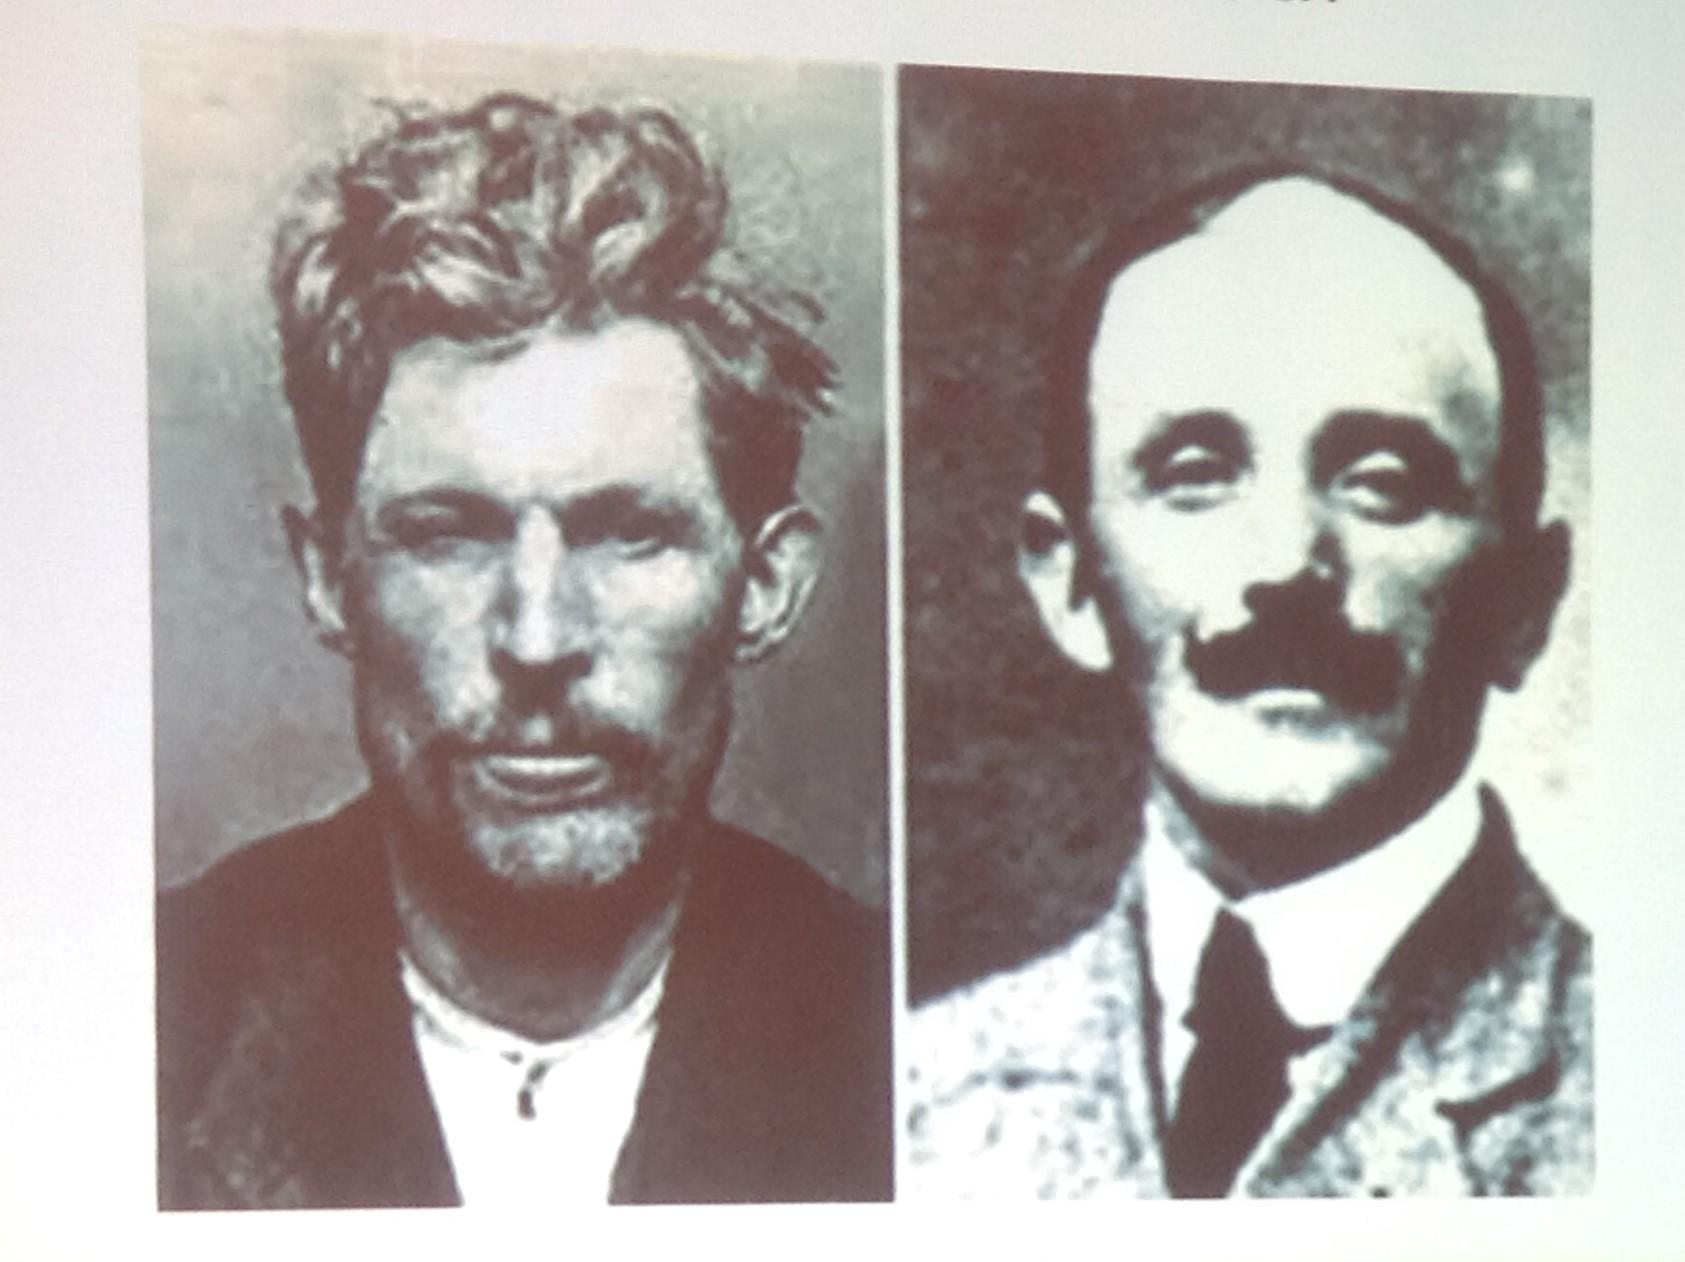 Les deux protagonistes : à gauche, Guillaume SEZNEC, à droite Pierre QUEMENEUR